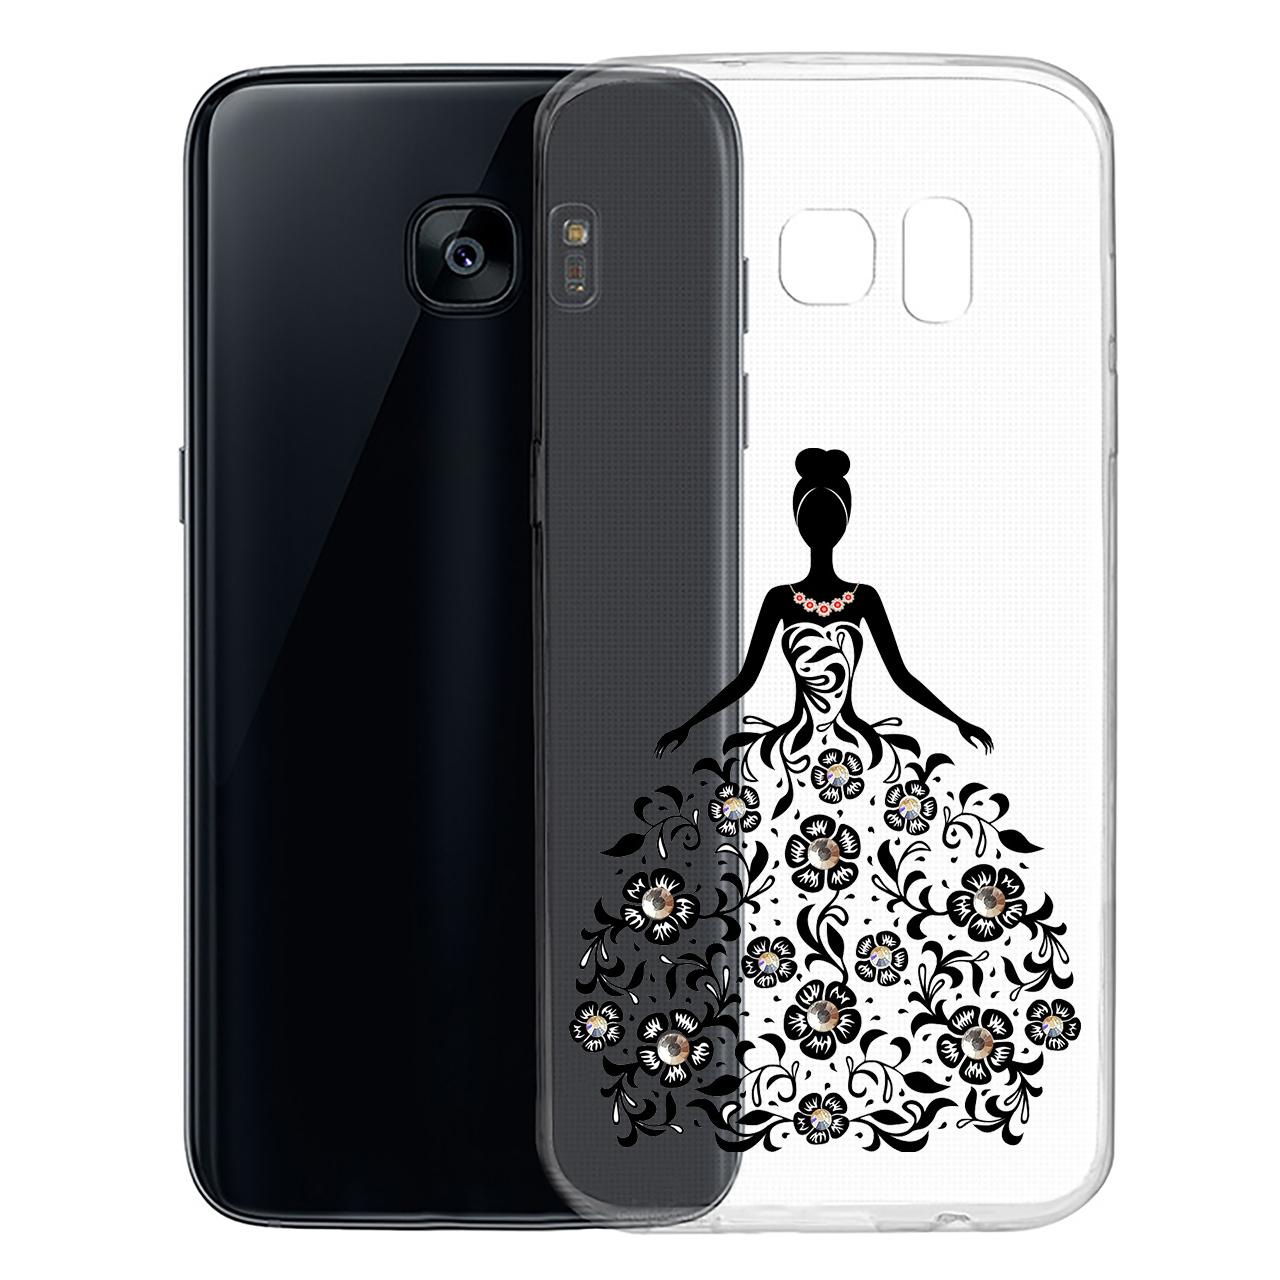 کاور کی اچ کد 216 مناسب برای گوشی موبایل سامسونگ  Galaxy A520 / A5 2017